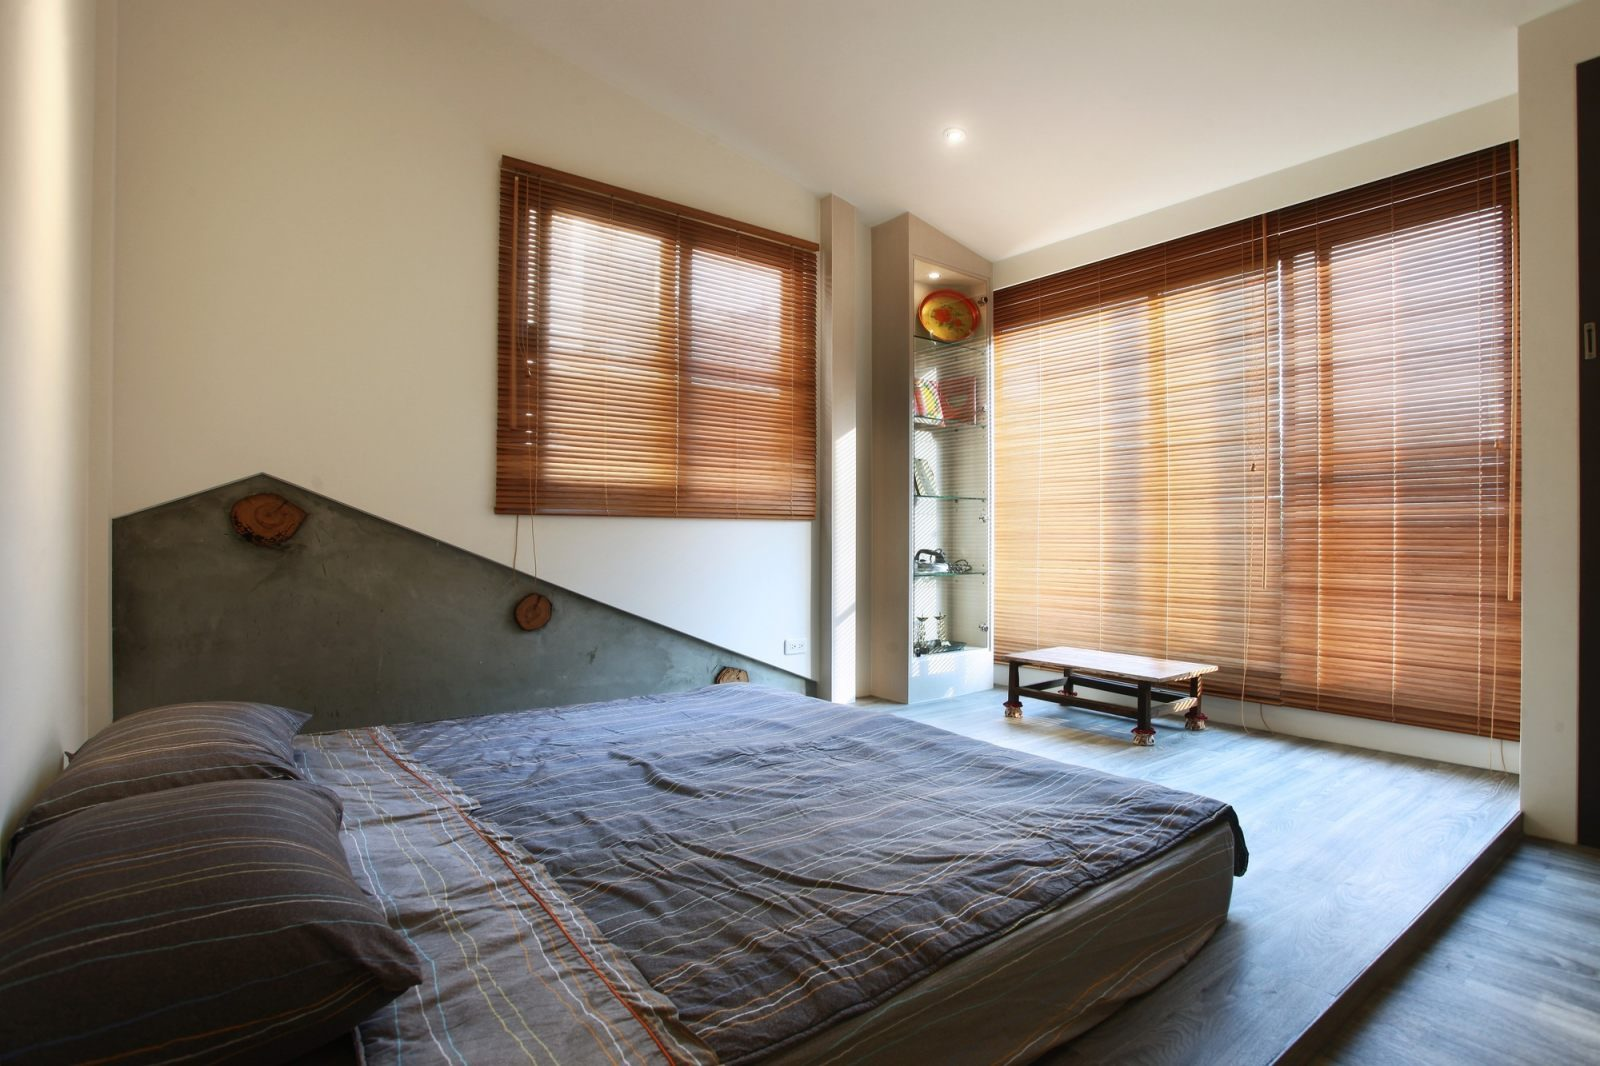 Galer a de im genes habitaciones de estilo minimalista for Imagenes de recamaras estilo minimalista